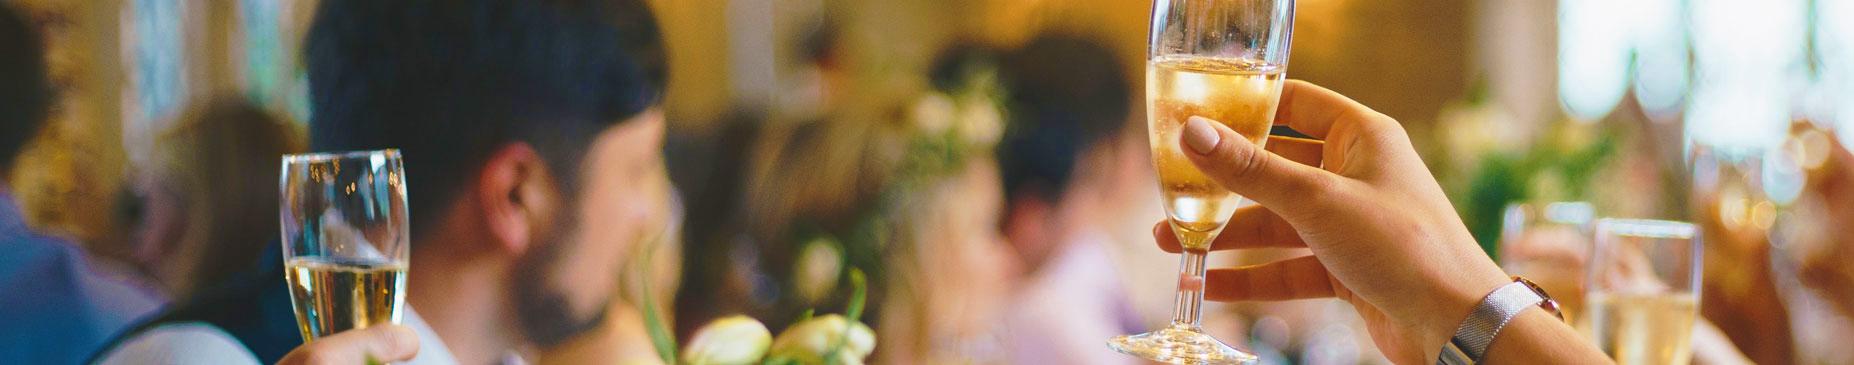 wedding-banner-1854x365